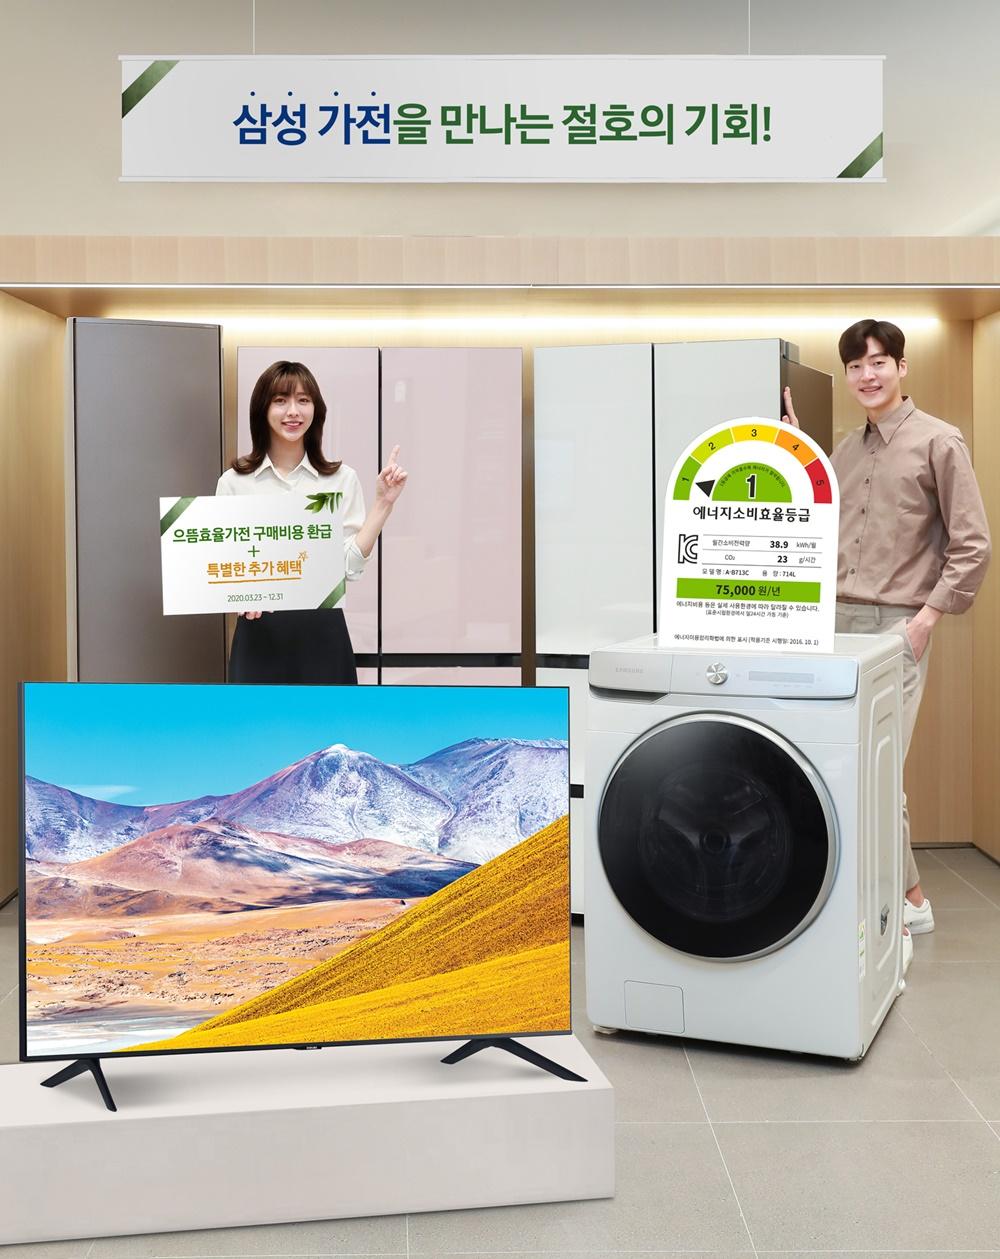 삼성 가전을 만나는 절호의 기회 으뜸효율가전 구매비용 환금 + 특별한 추가 혜택 2020.03.23~12.31 에너지소비효율등급 1